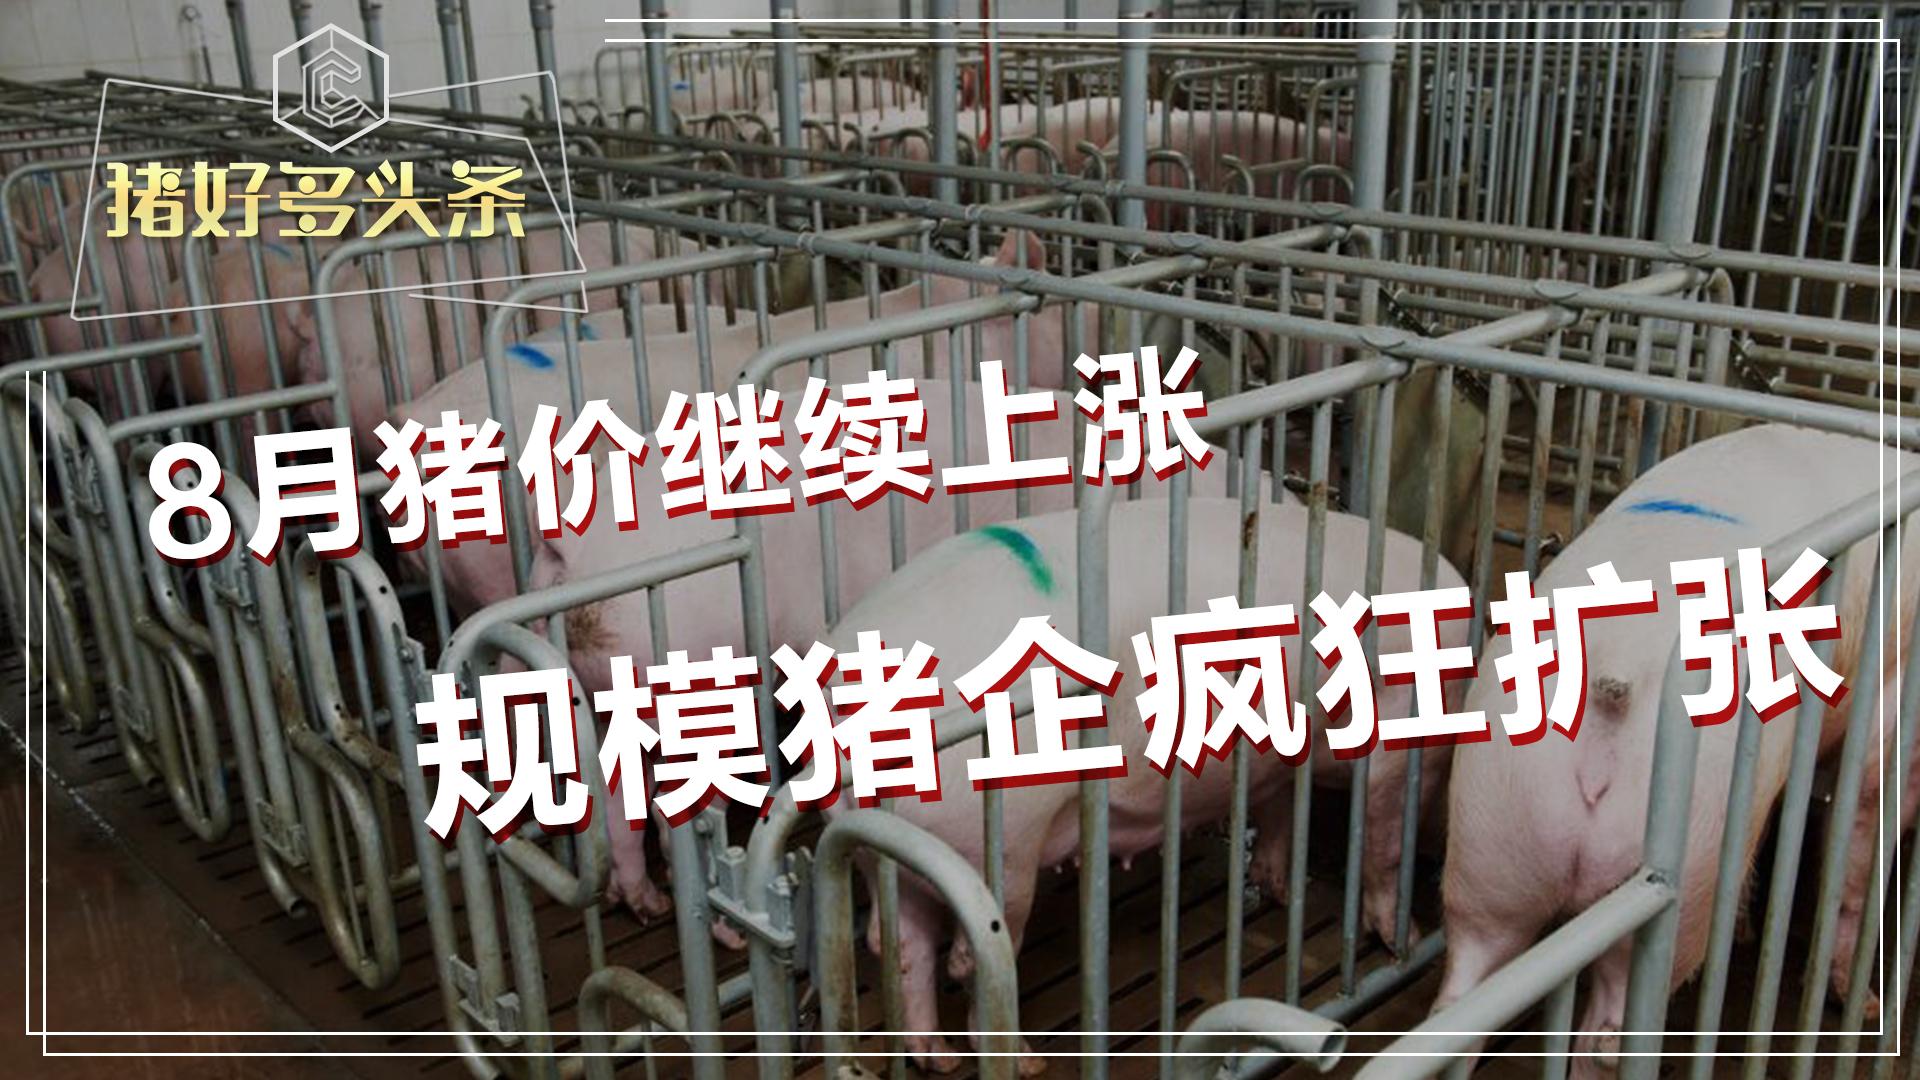 8月猪价开门红,规模猪企疯狂扩张,下半年猪价还会涨?